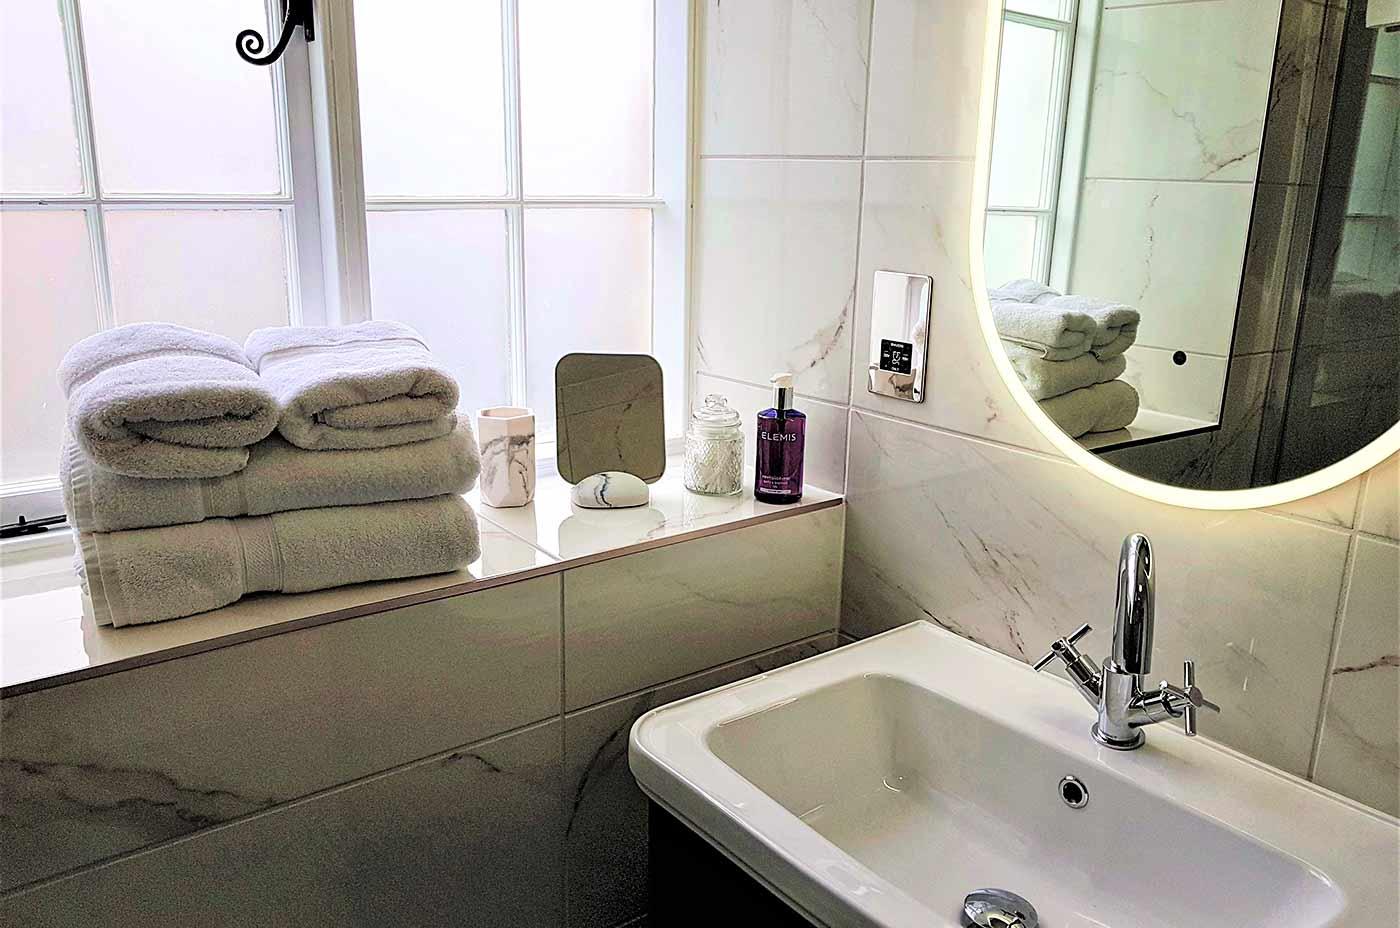 A bathroom at Derwent House in Derbyshire